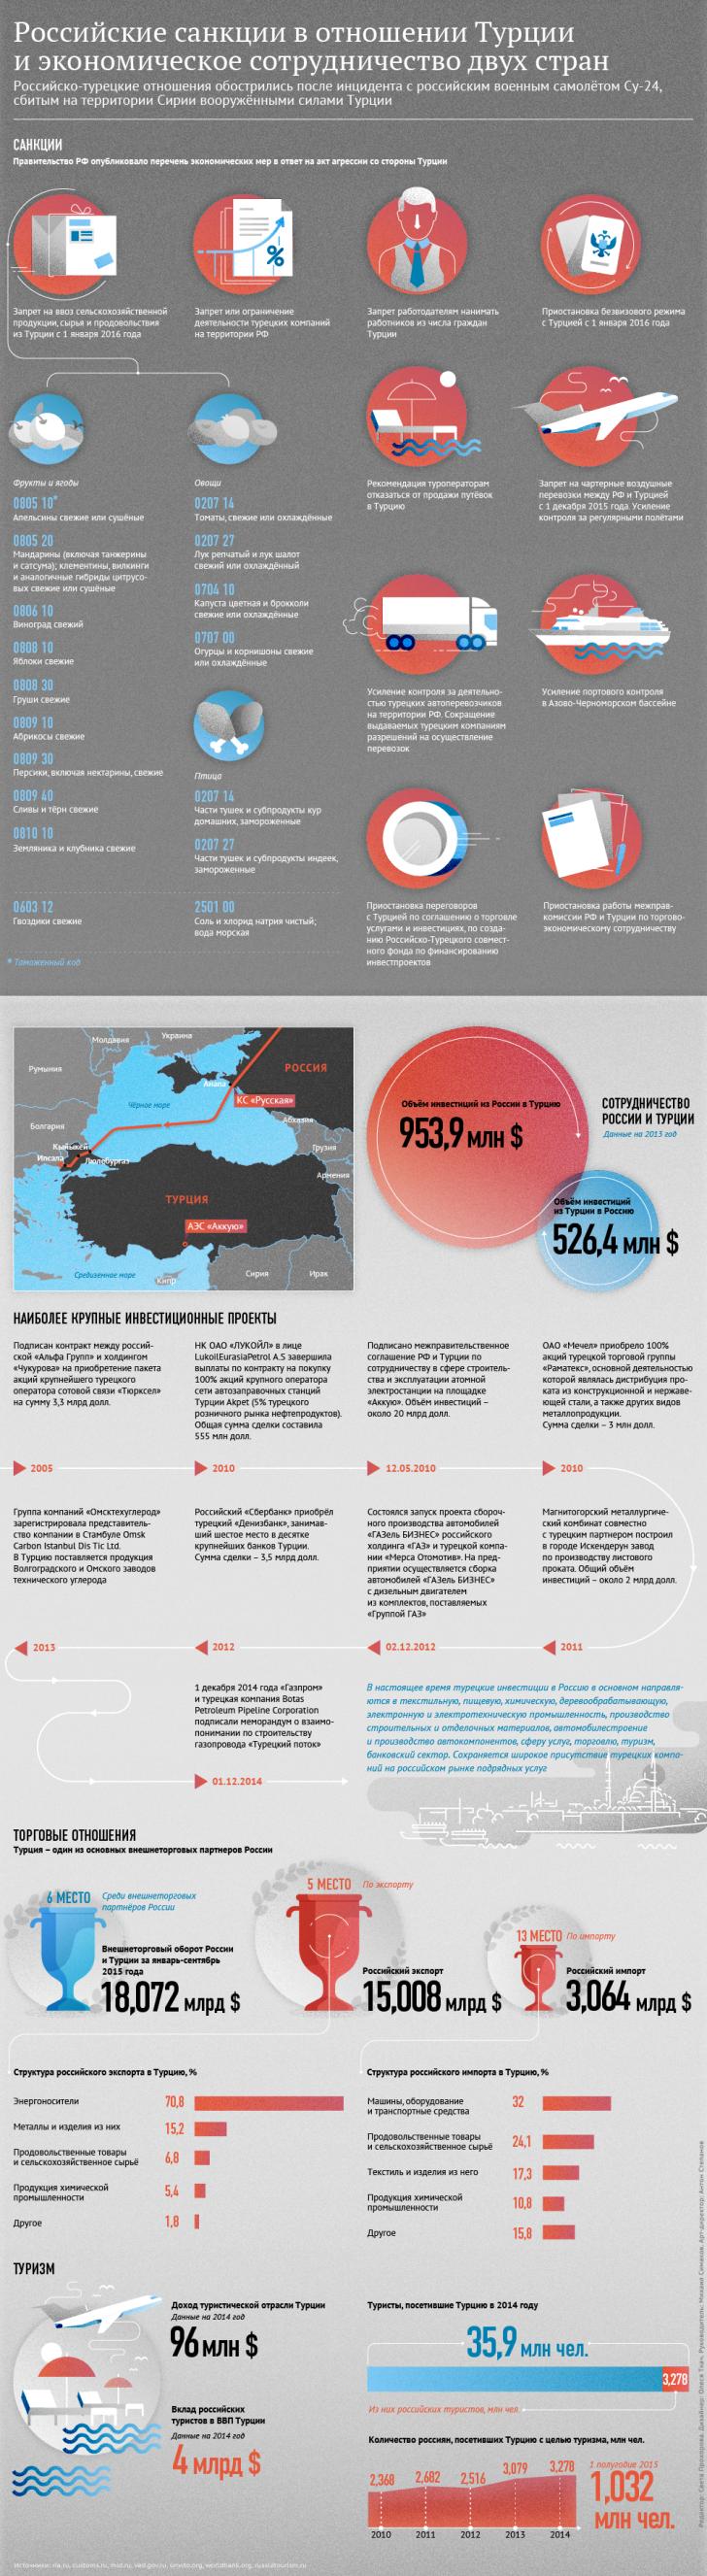 ФТС не исключает роста поставок товаров из Турции через третьи страны